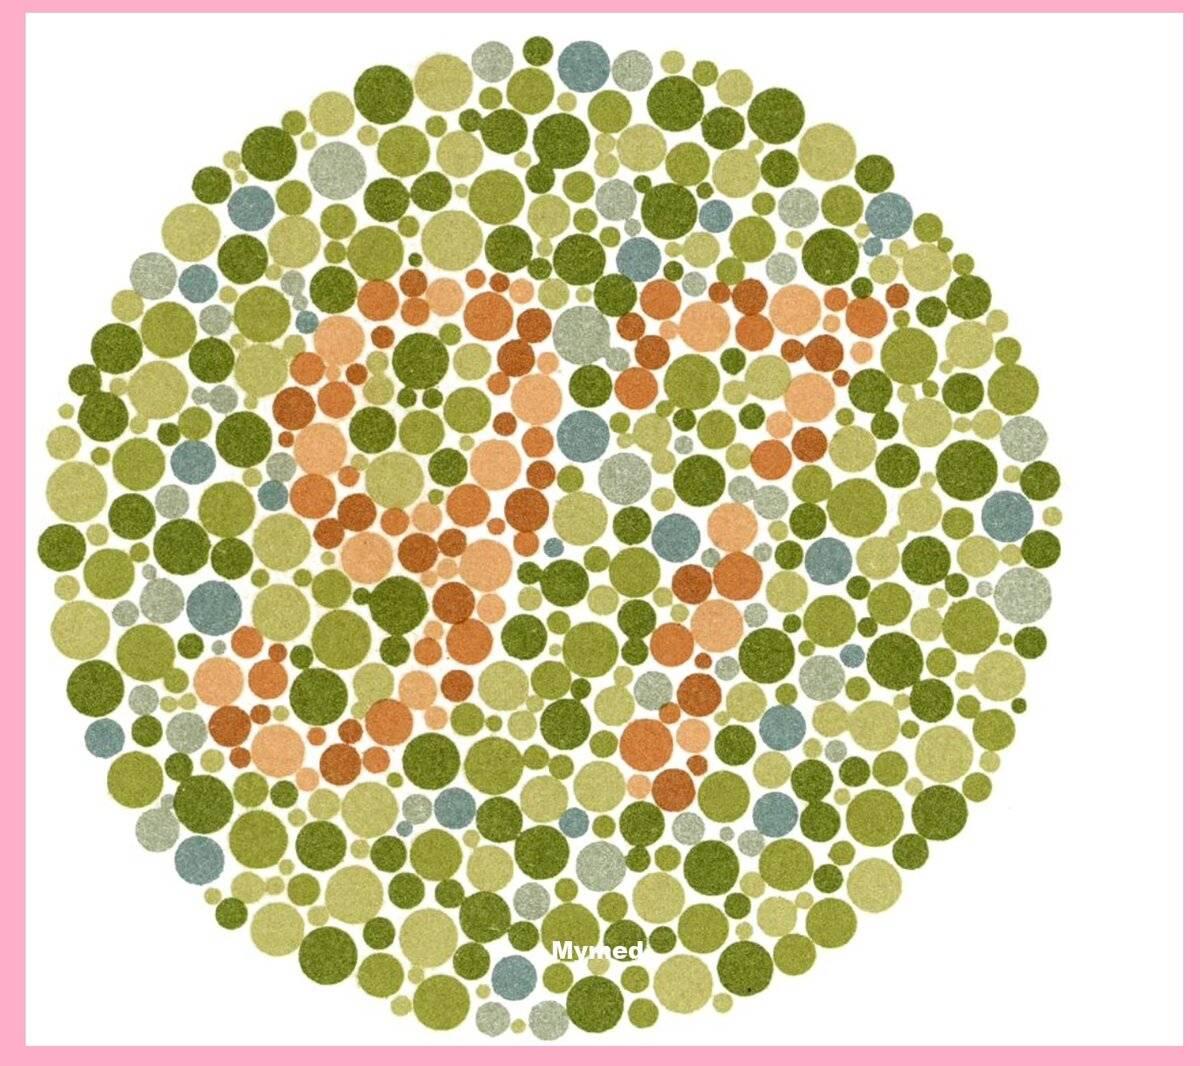 Выявление аномалий: как проводится проверка зрения на цветовосприятие для водителей?